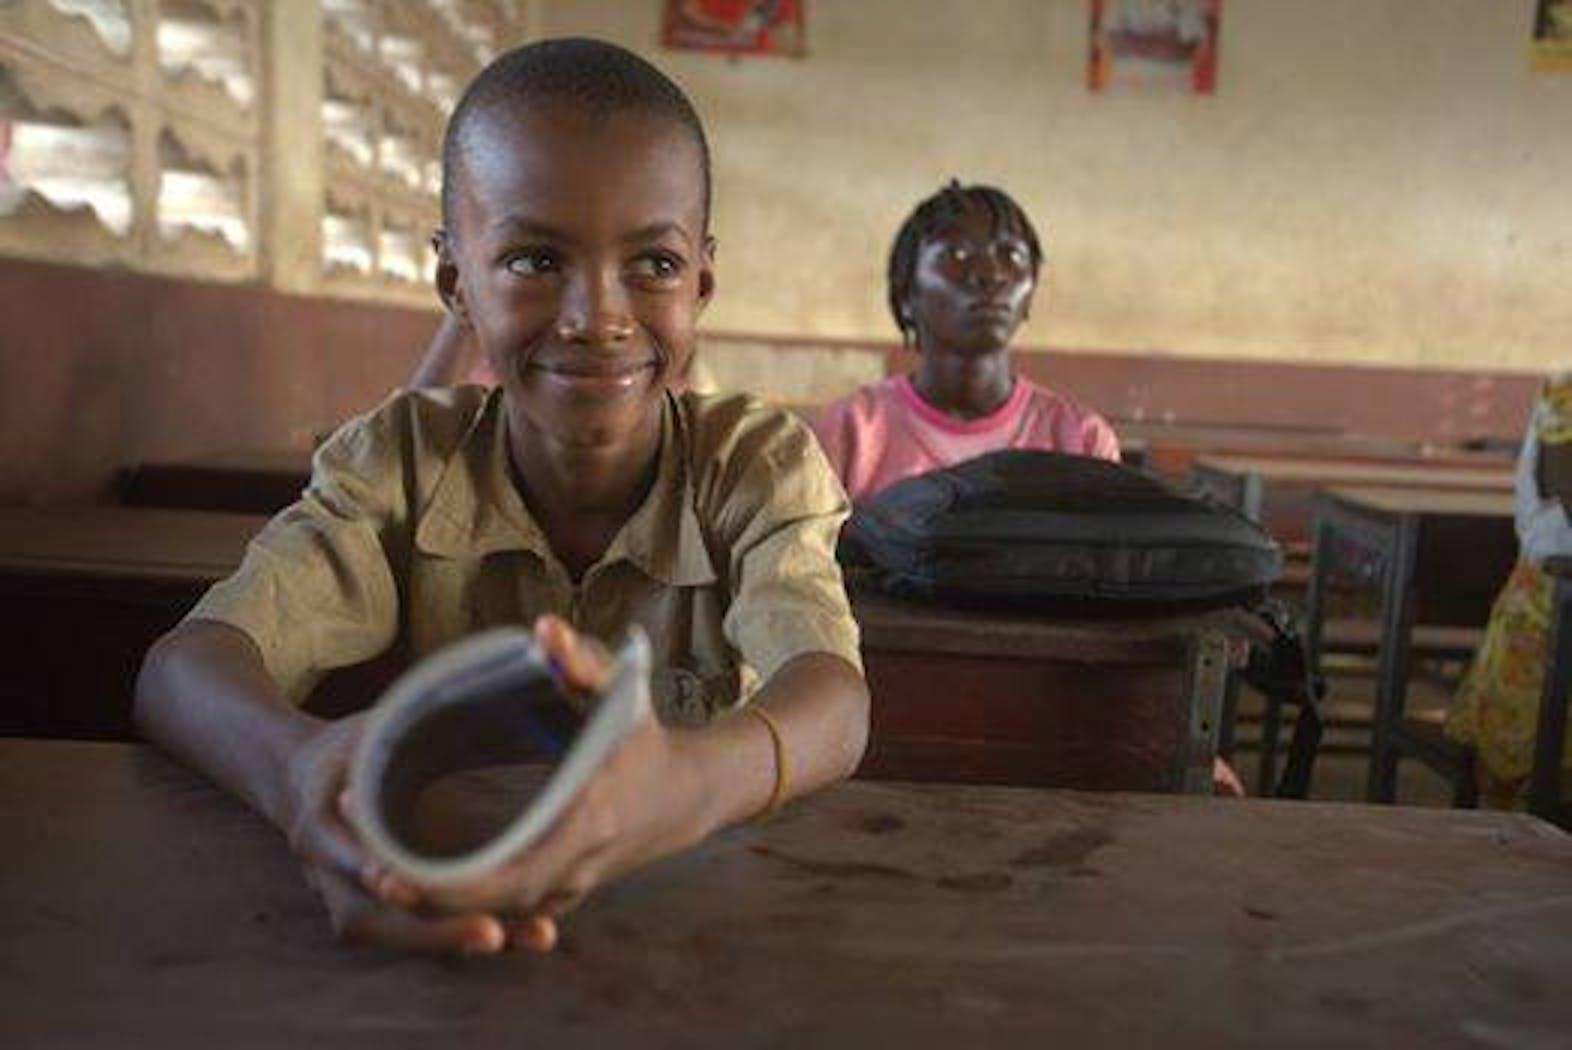 Un'immagine di un'aula scolastica in Guinea. Nel paese africano le scuole hanno riaperto il 19 gennaio 2015, dopo mesi di chiusura per prevenire contagi di Ebola - ©UNICEF Guinea